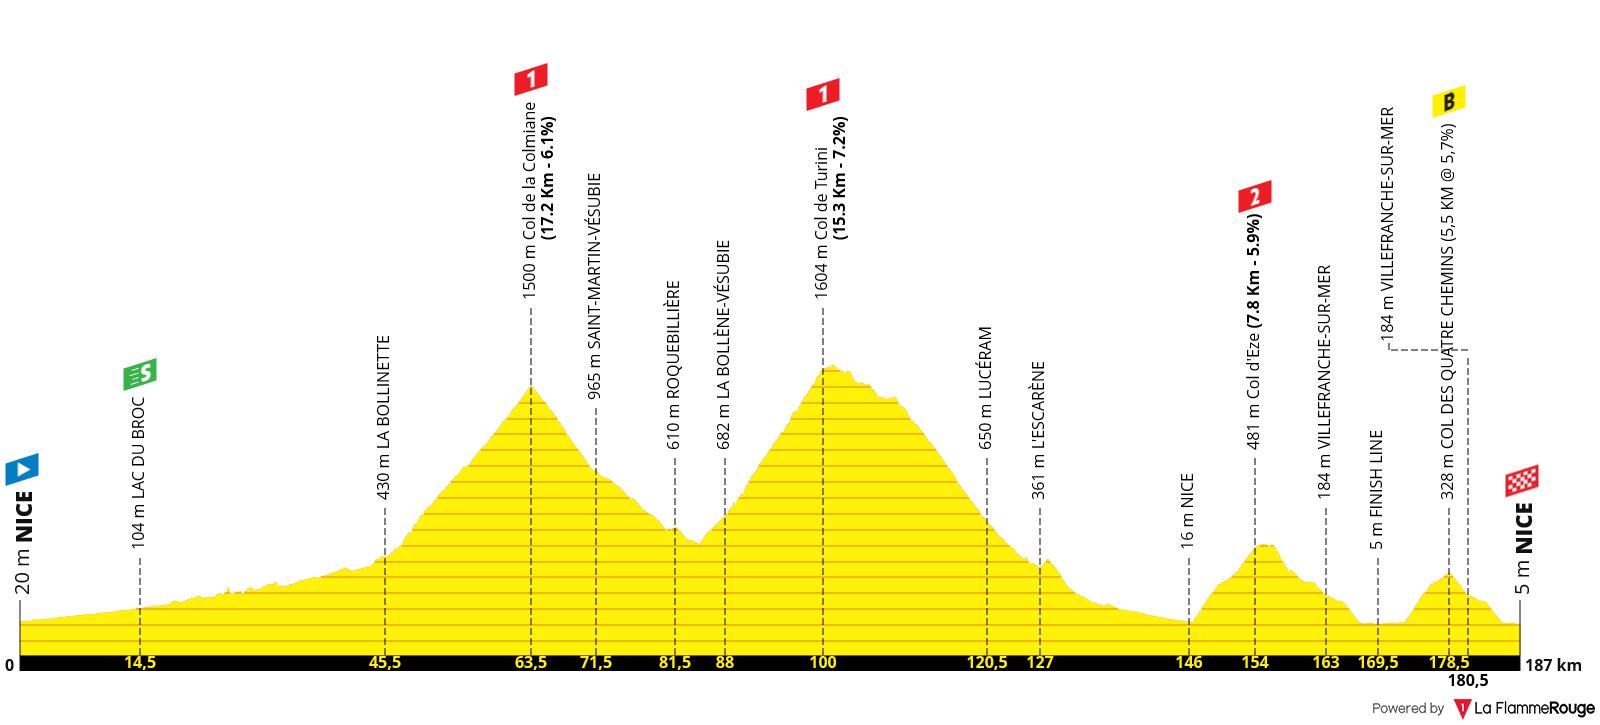 Etapa 02 - Tour de Francia 2020 - Niza (187km)